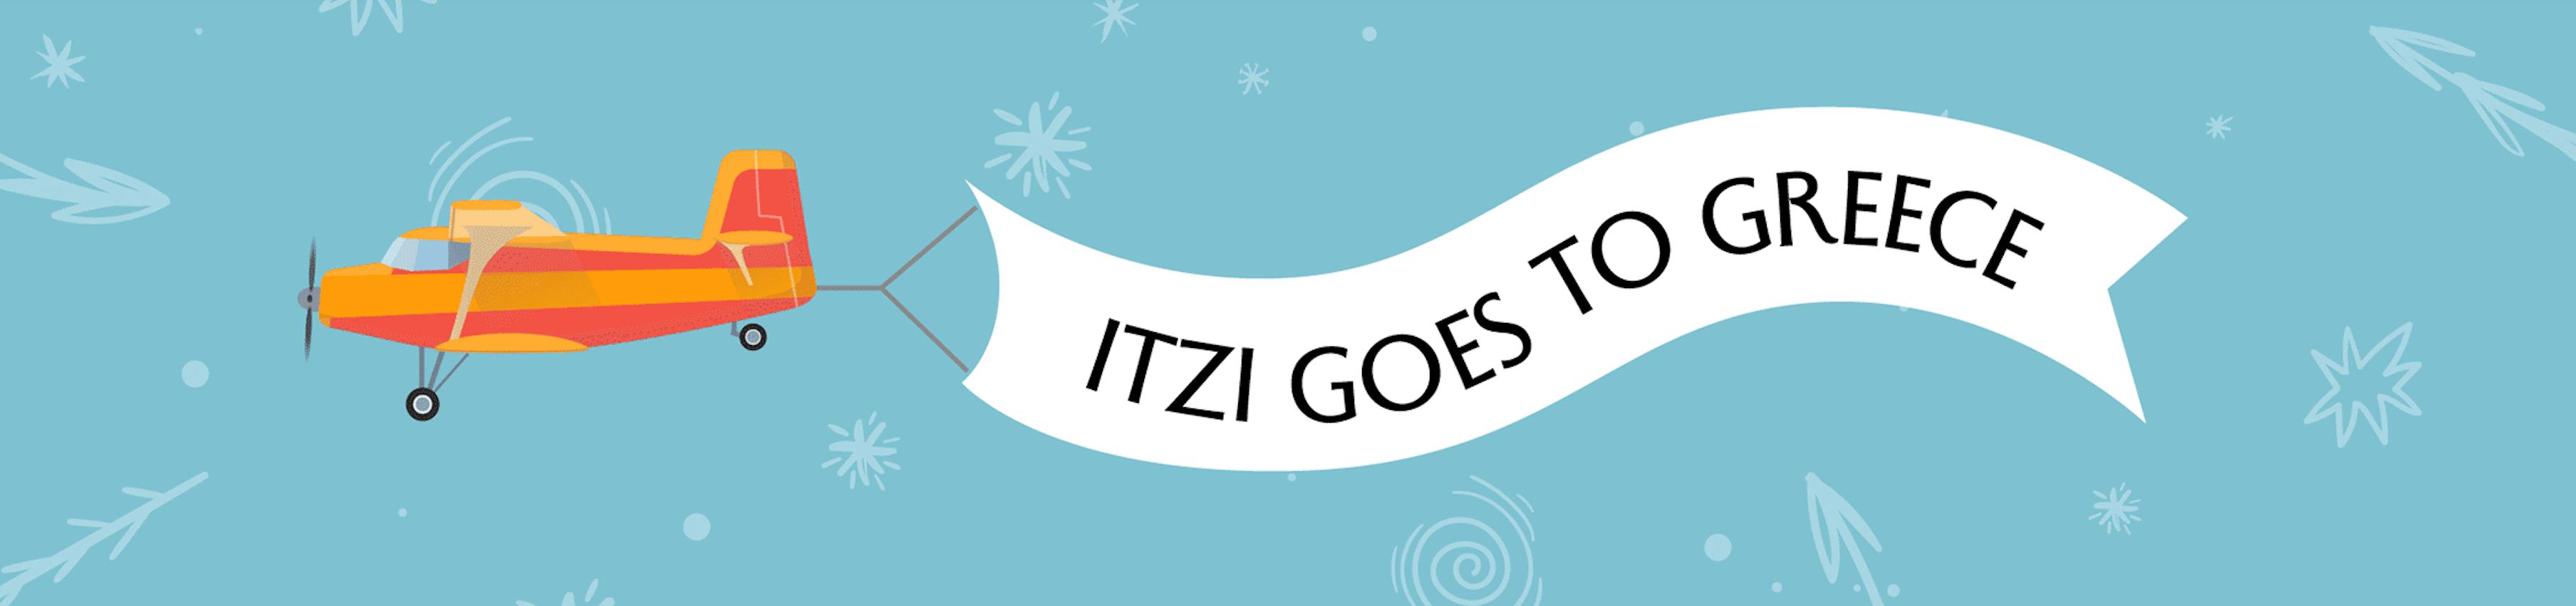 News ITZI goes to Greece